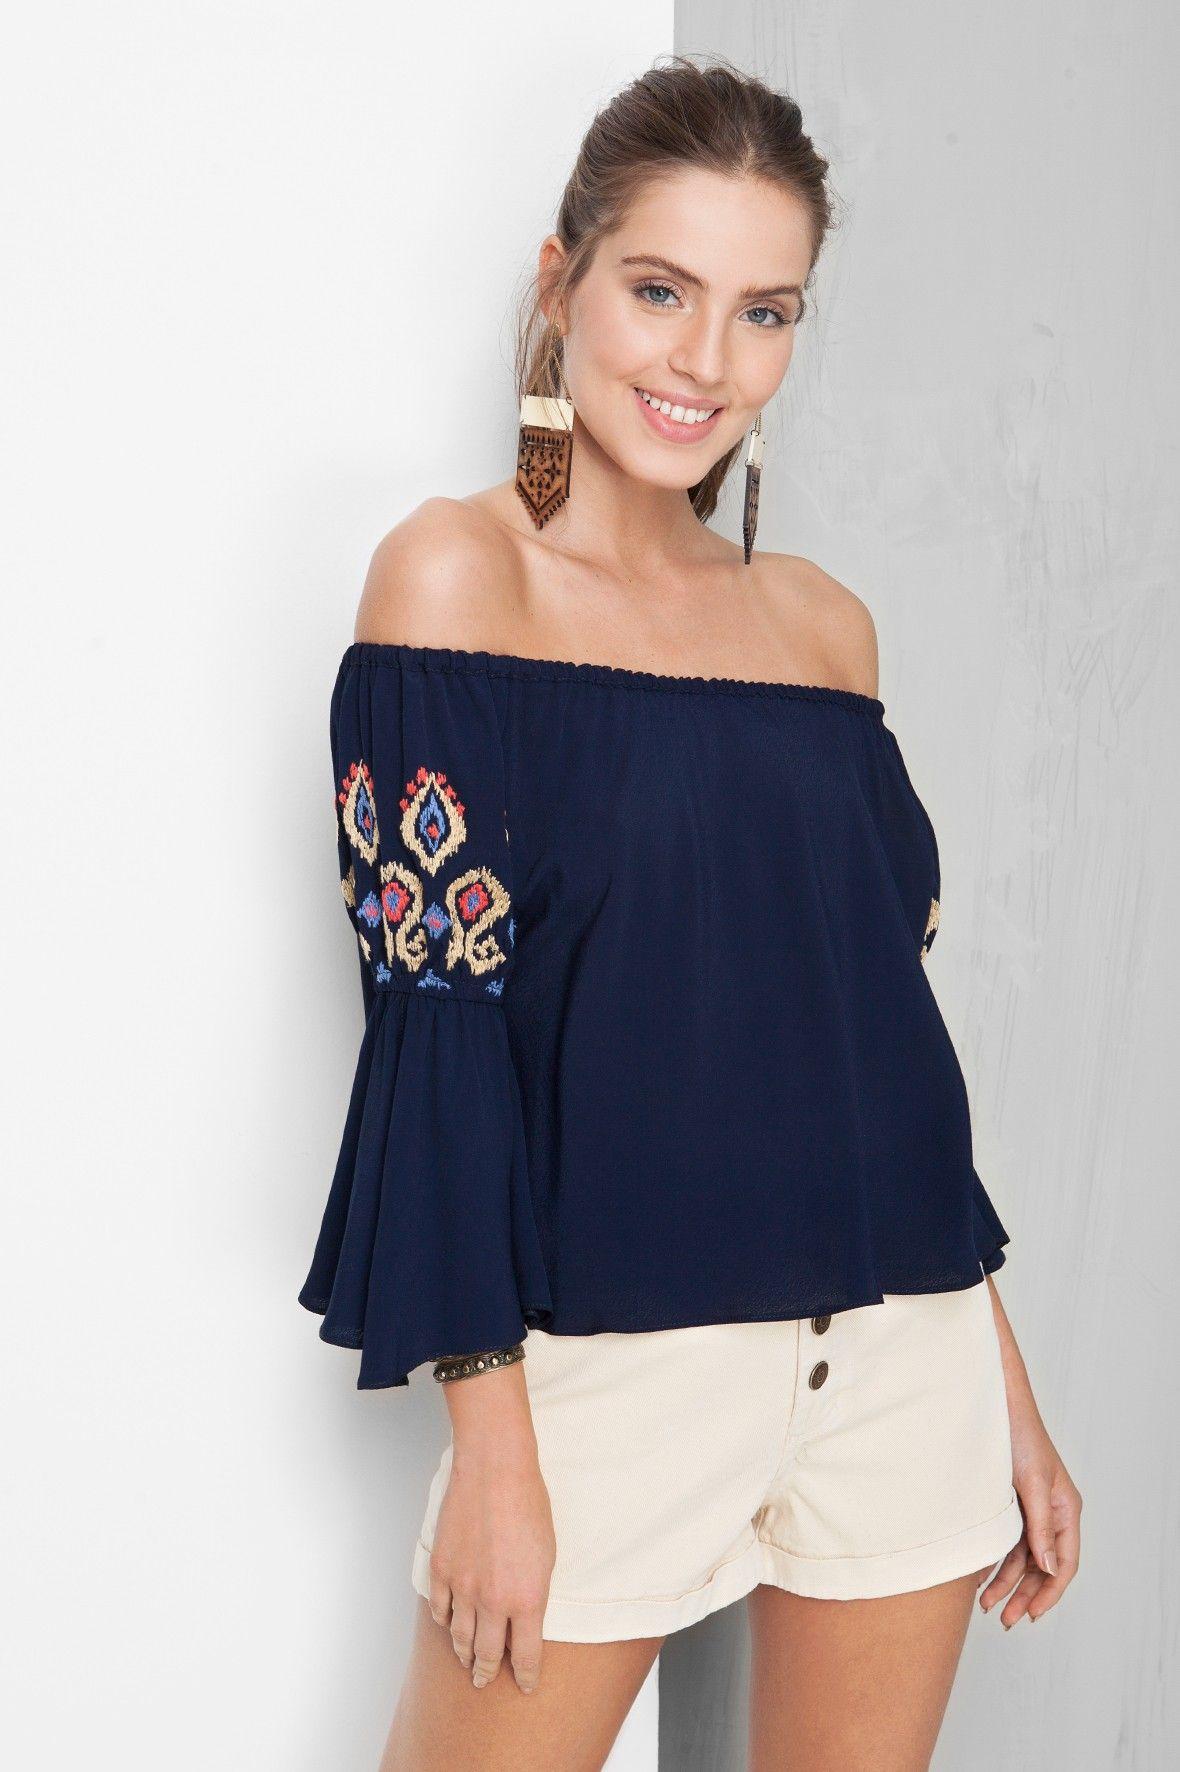 blusa ombro a ombro bordado   Dress to      blusas   Pinterest ... 2b8c8cabfa